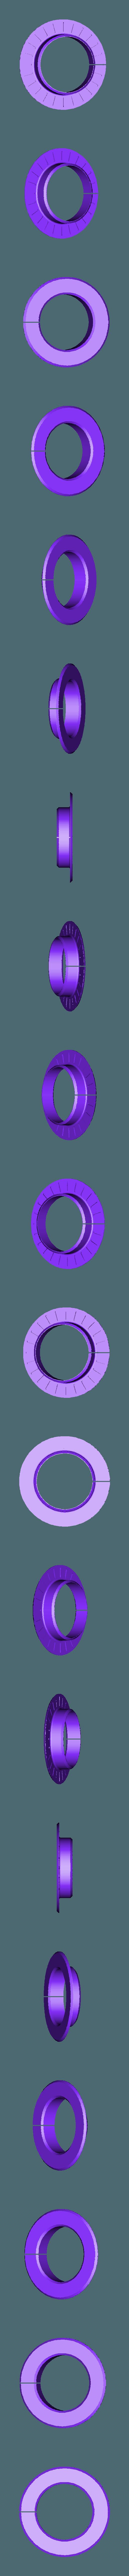 32mm_-_50.stl Télécharger fichier STL gratuit Manchon pour trou de cabinet • Modèle à imprimer en 3D, 3D-Designs